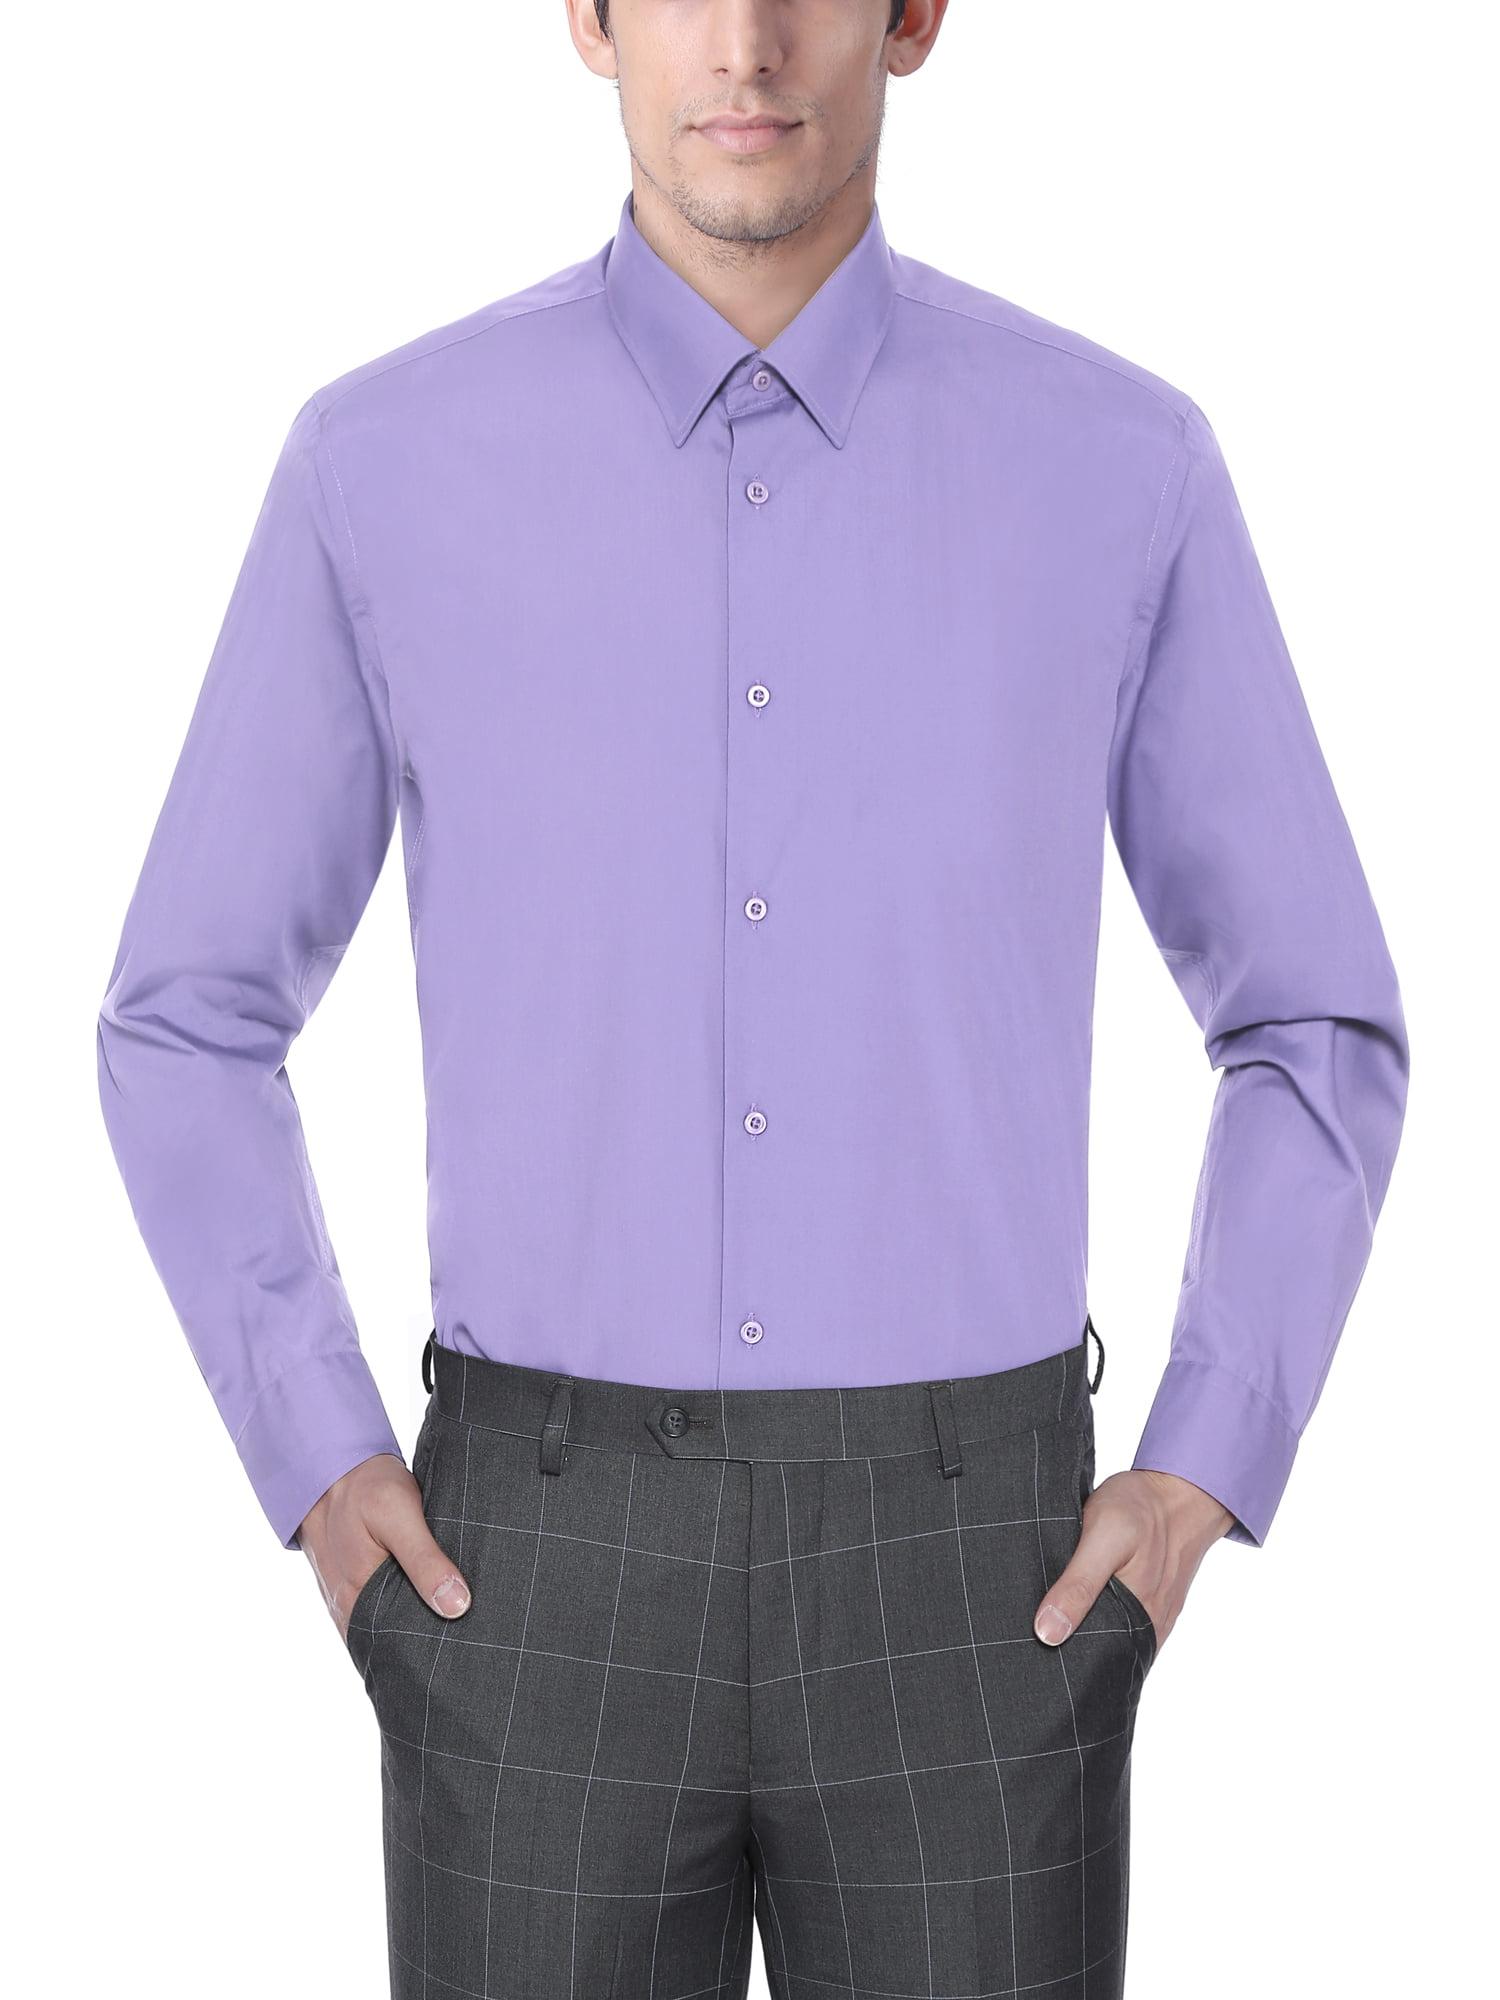 Verno Mens Long Sleeve Slim Fit Lavender Color Dress Shirts